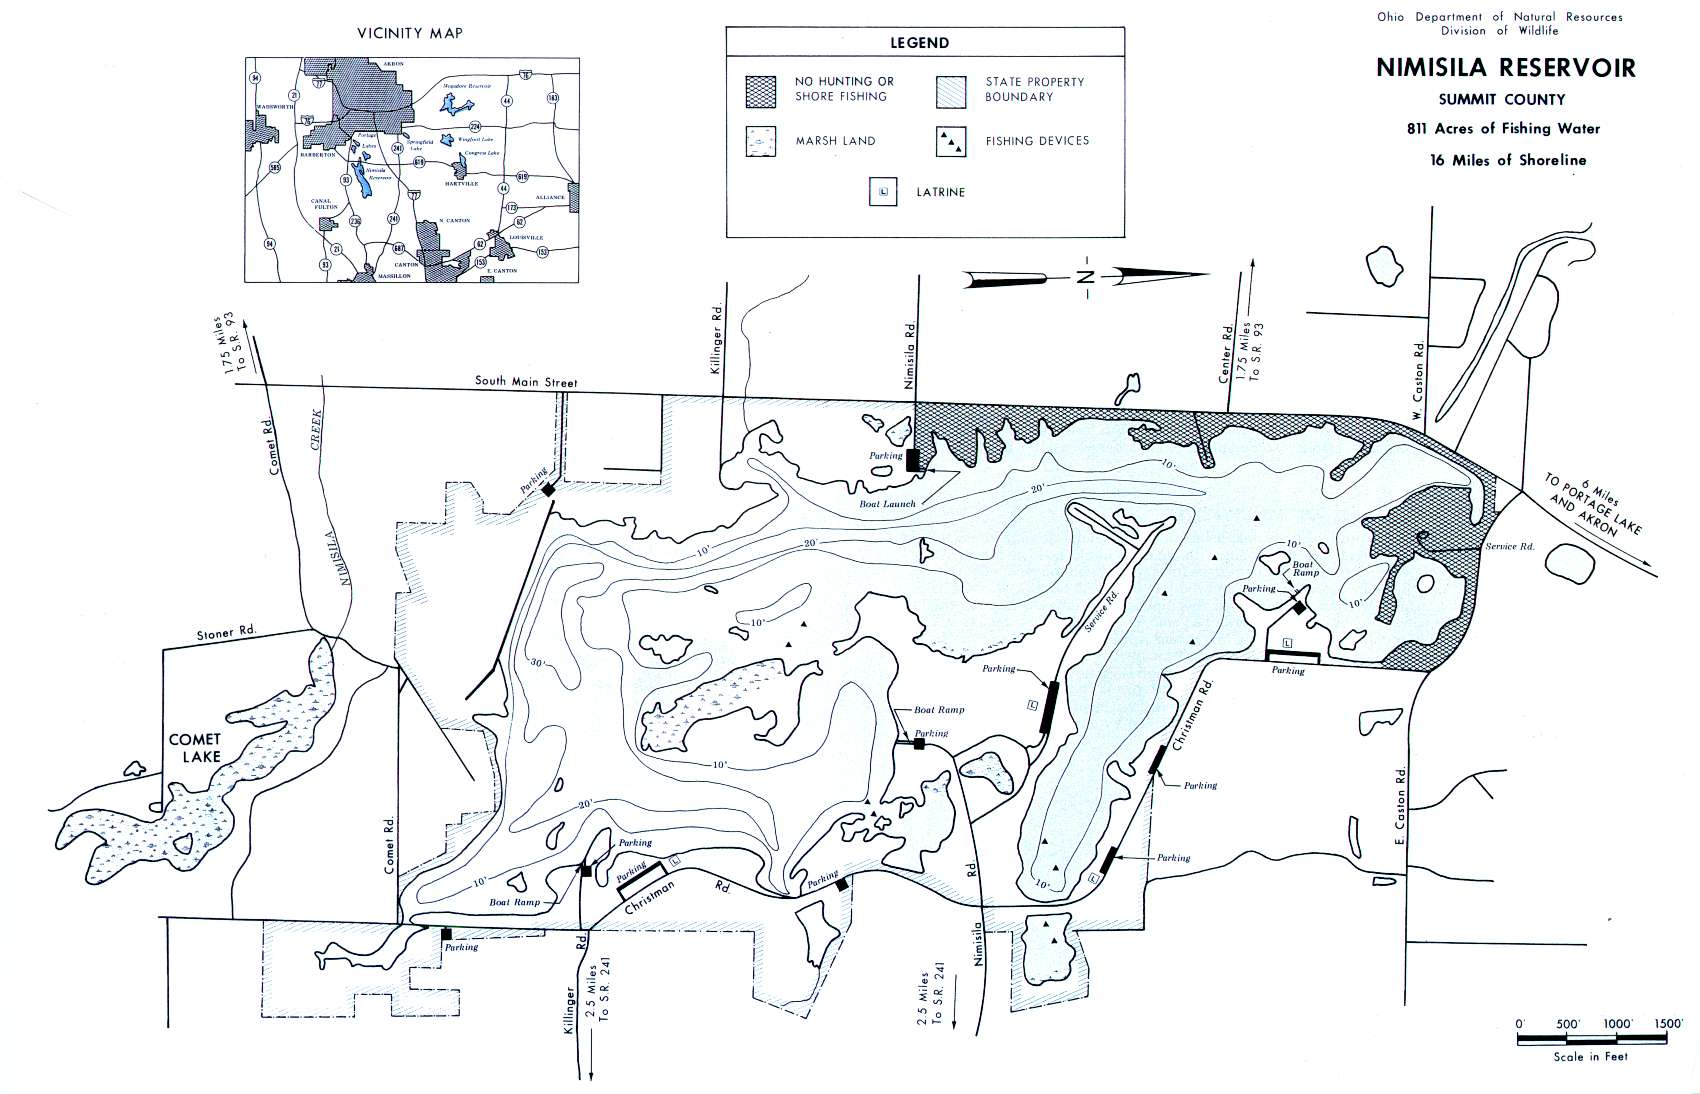 Nimisila Reservoir Fishing Map - GoFishOhio